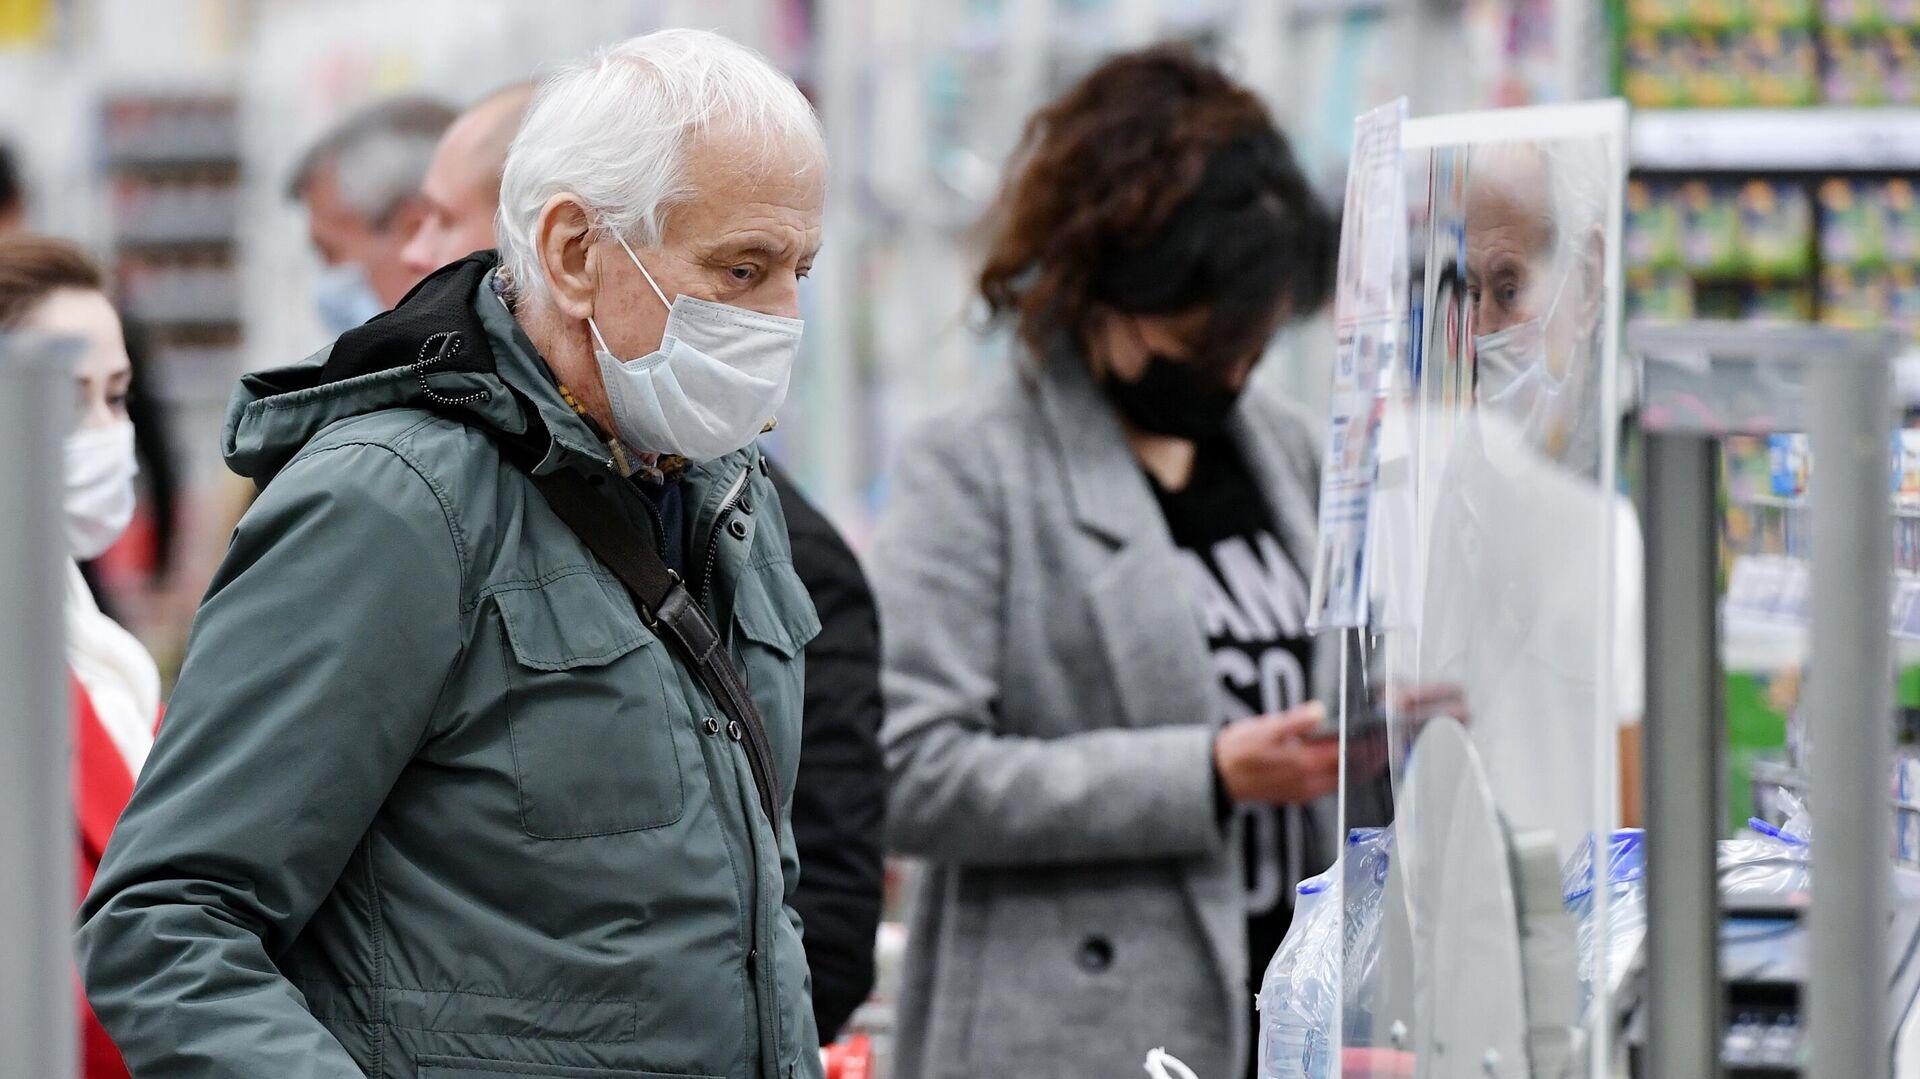 Люди в медицинских масках в ТЦ Южная Галерея в Симферополе - РИА Новости, 1920, 06.02.2021